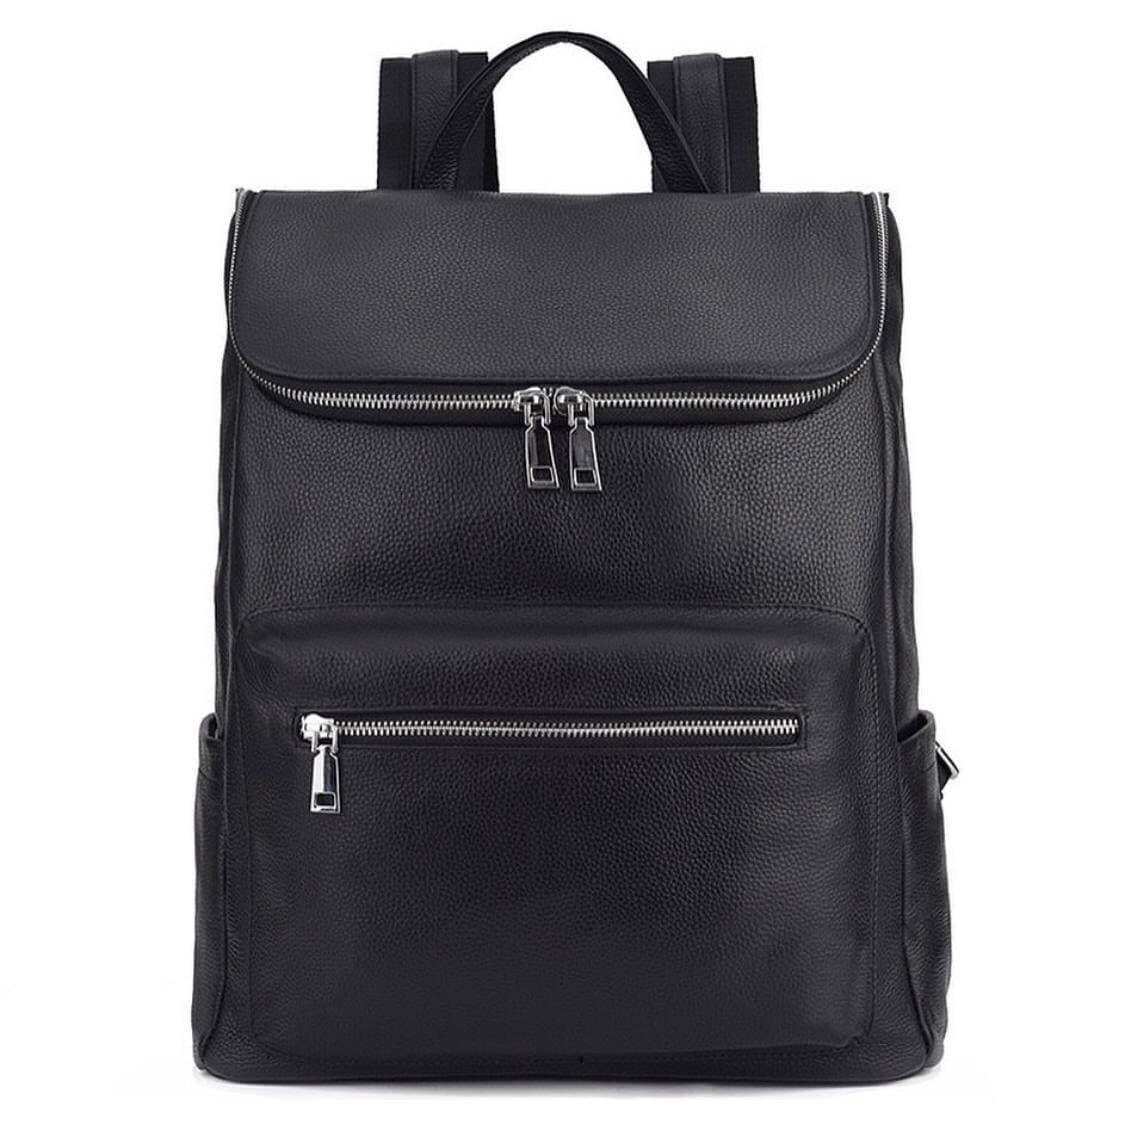 Мужской кожаный рюкзак черный городской Tiding Bag B2-21090A черный